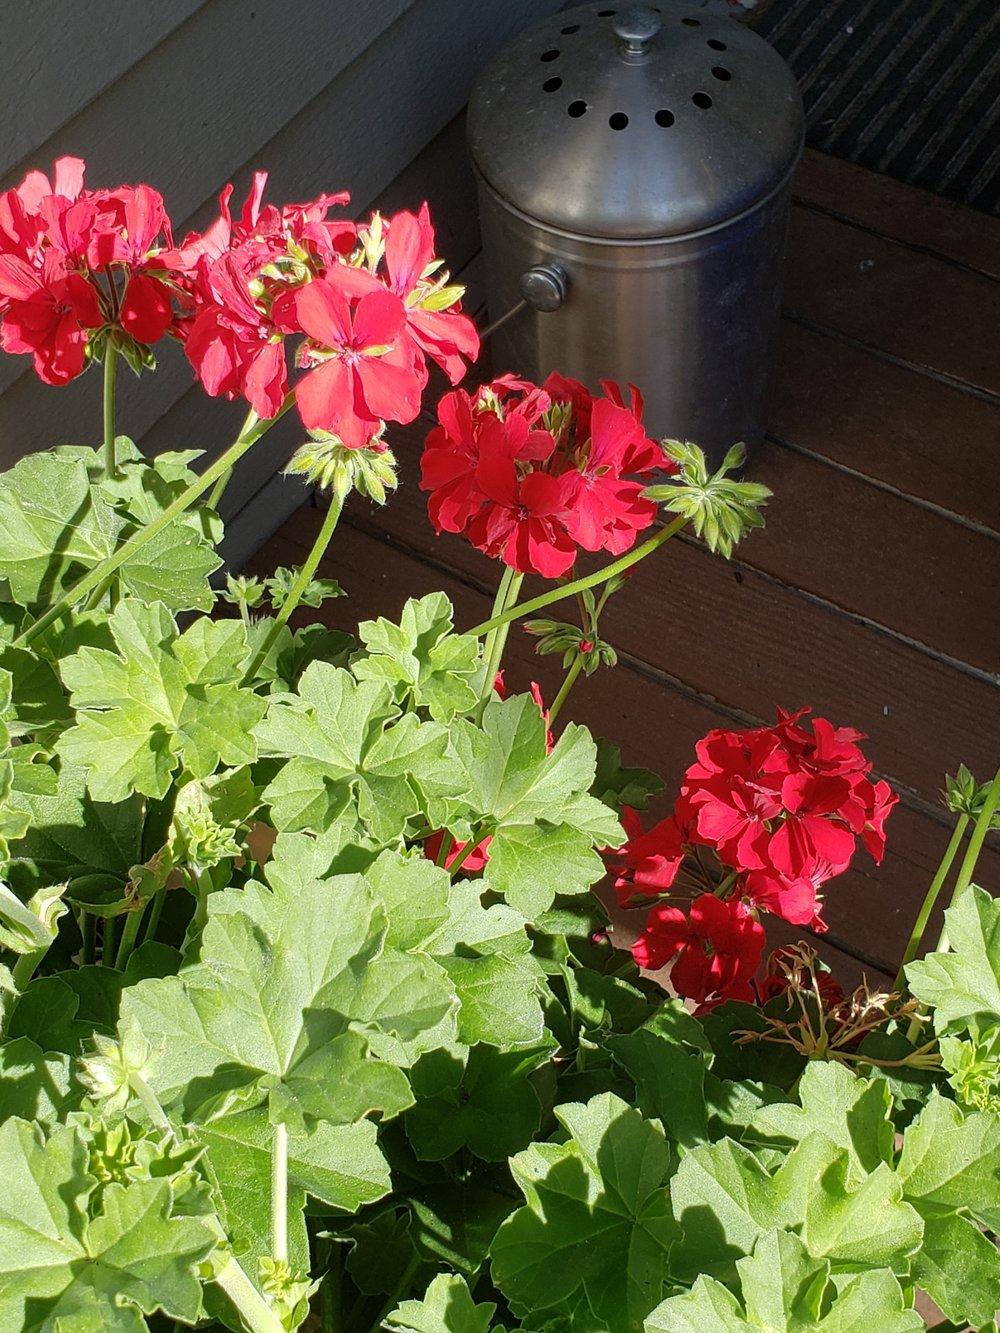 Red Geranium - Officially a Pelagonium but who's checking?